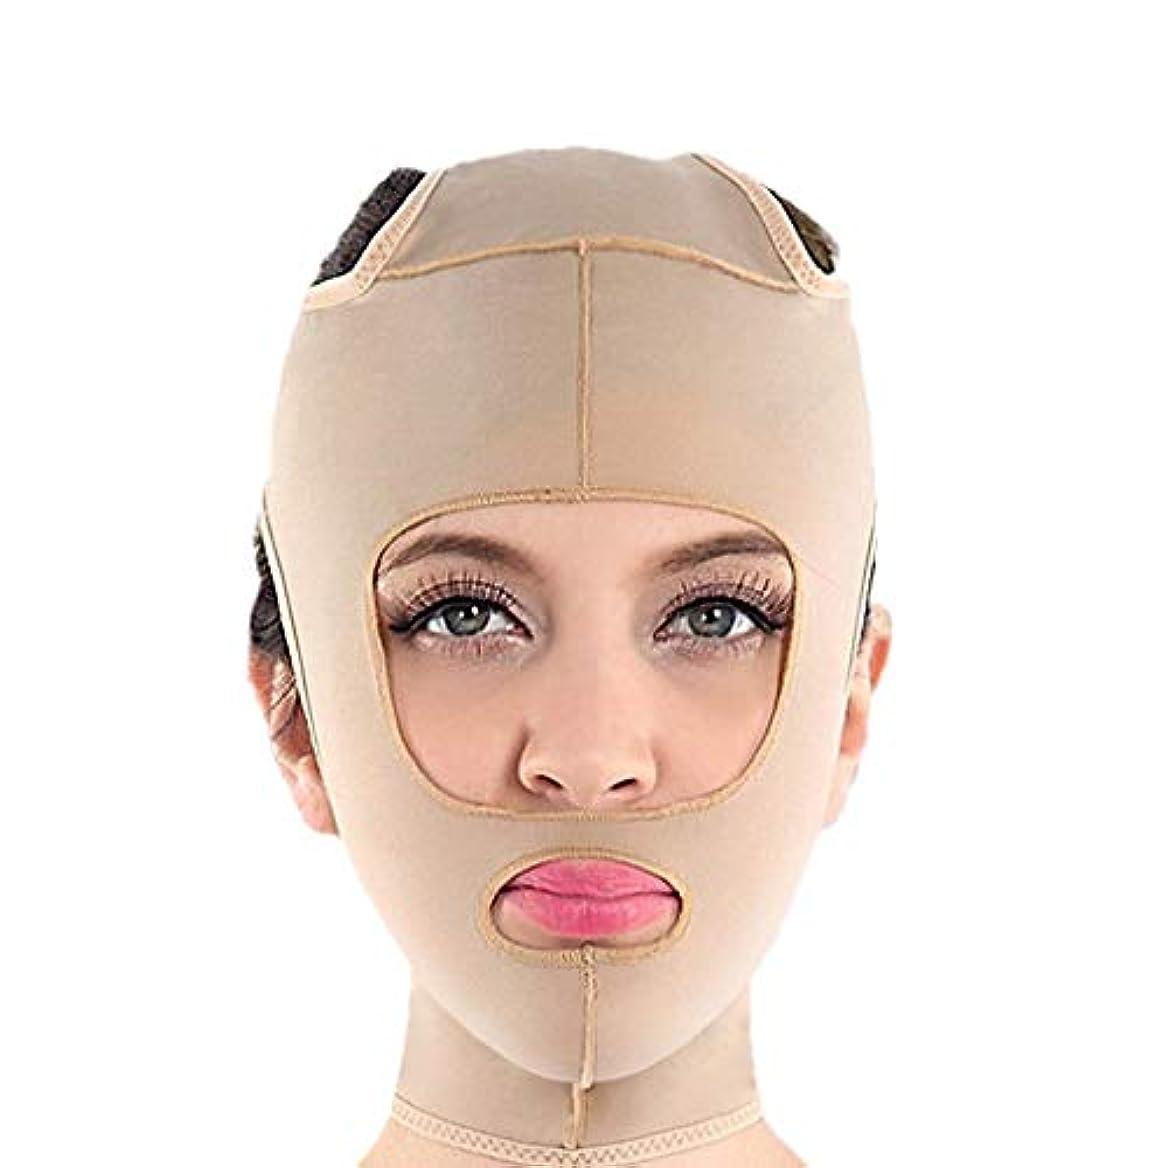 しつけお気に入り麺フェイスリフティング、ダブルチンストラップ、フェイシャル減量マスク、ダブルチンを減らすリフティングヌードル、ファーミングフェイス、パワフルリフティングマスク(サイズ:M),S